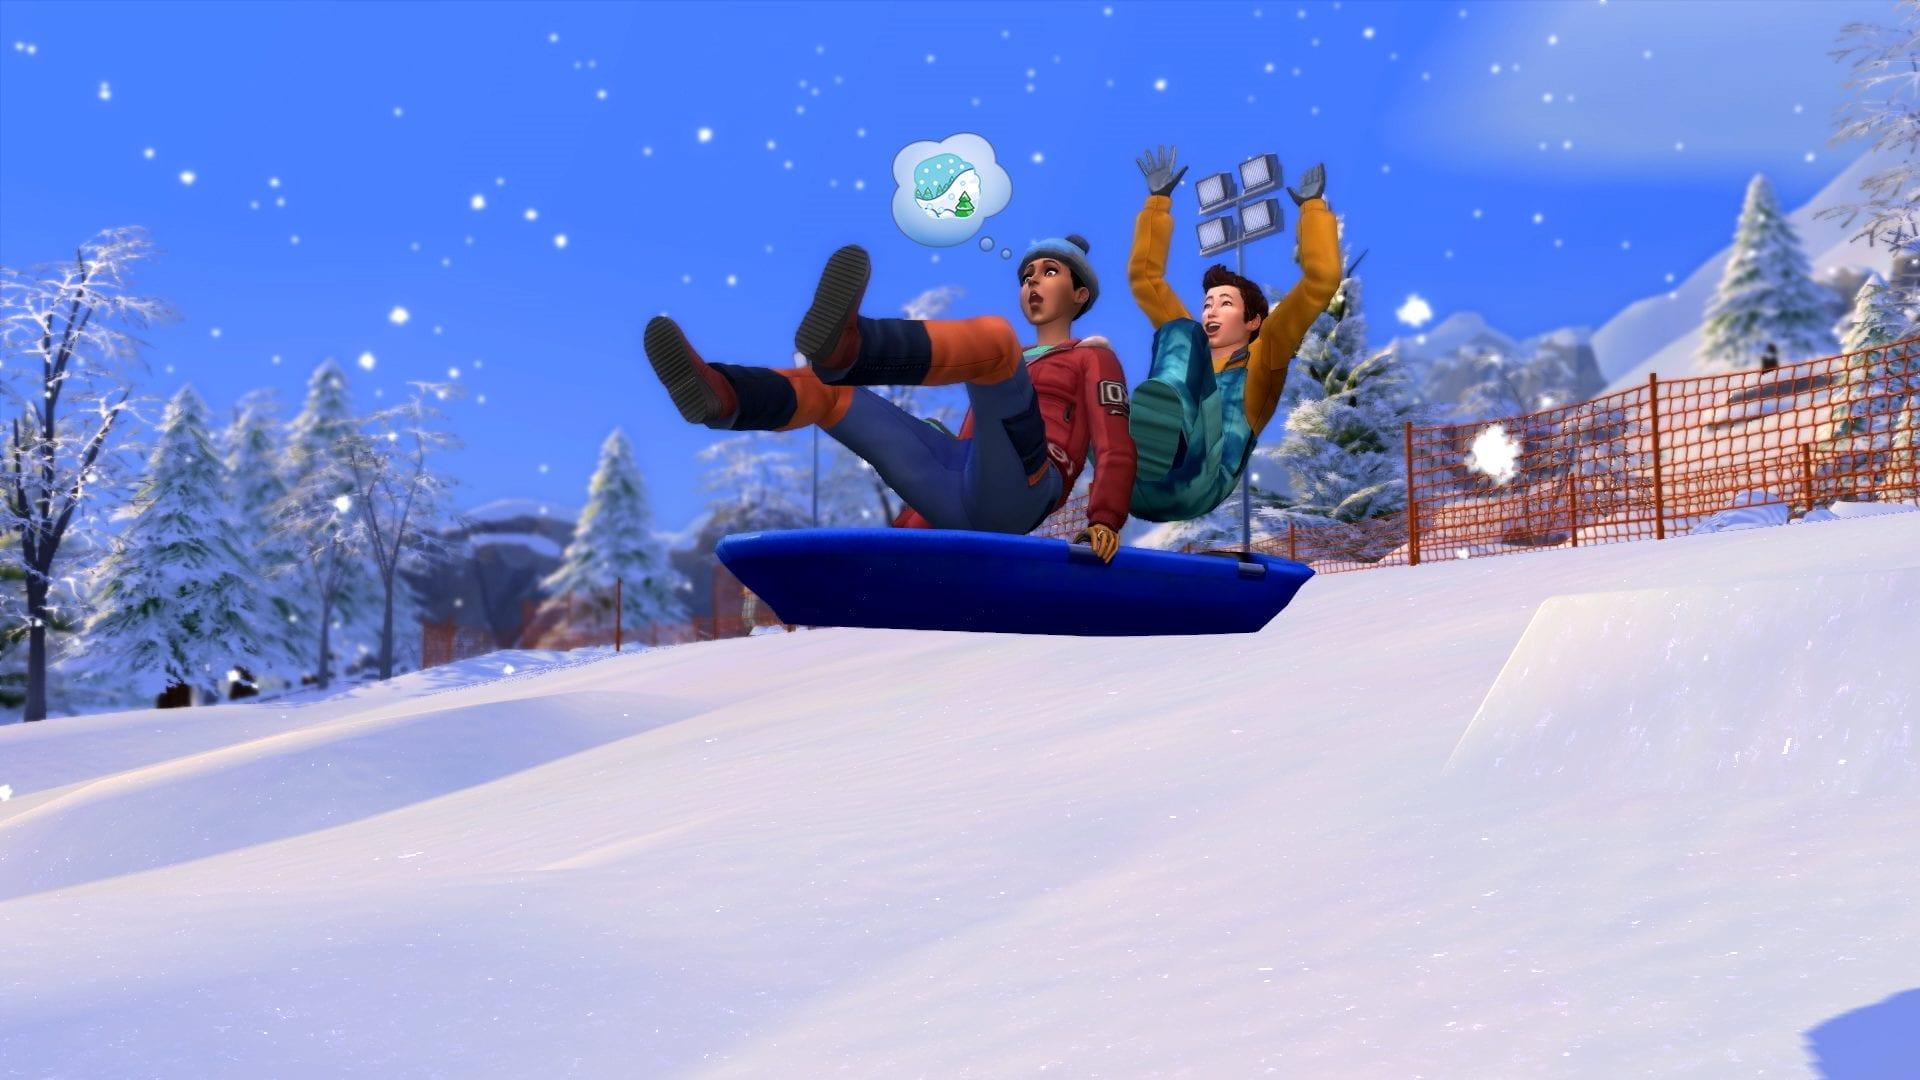 Die Sims 4 Ab ins Schneeparadies Schlitten fahren